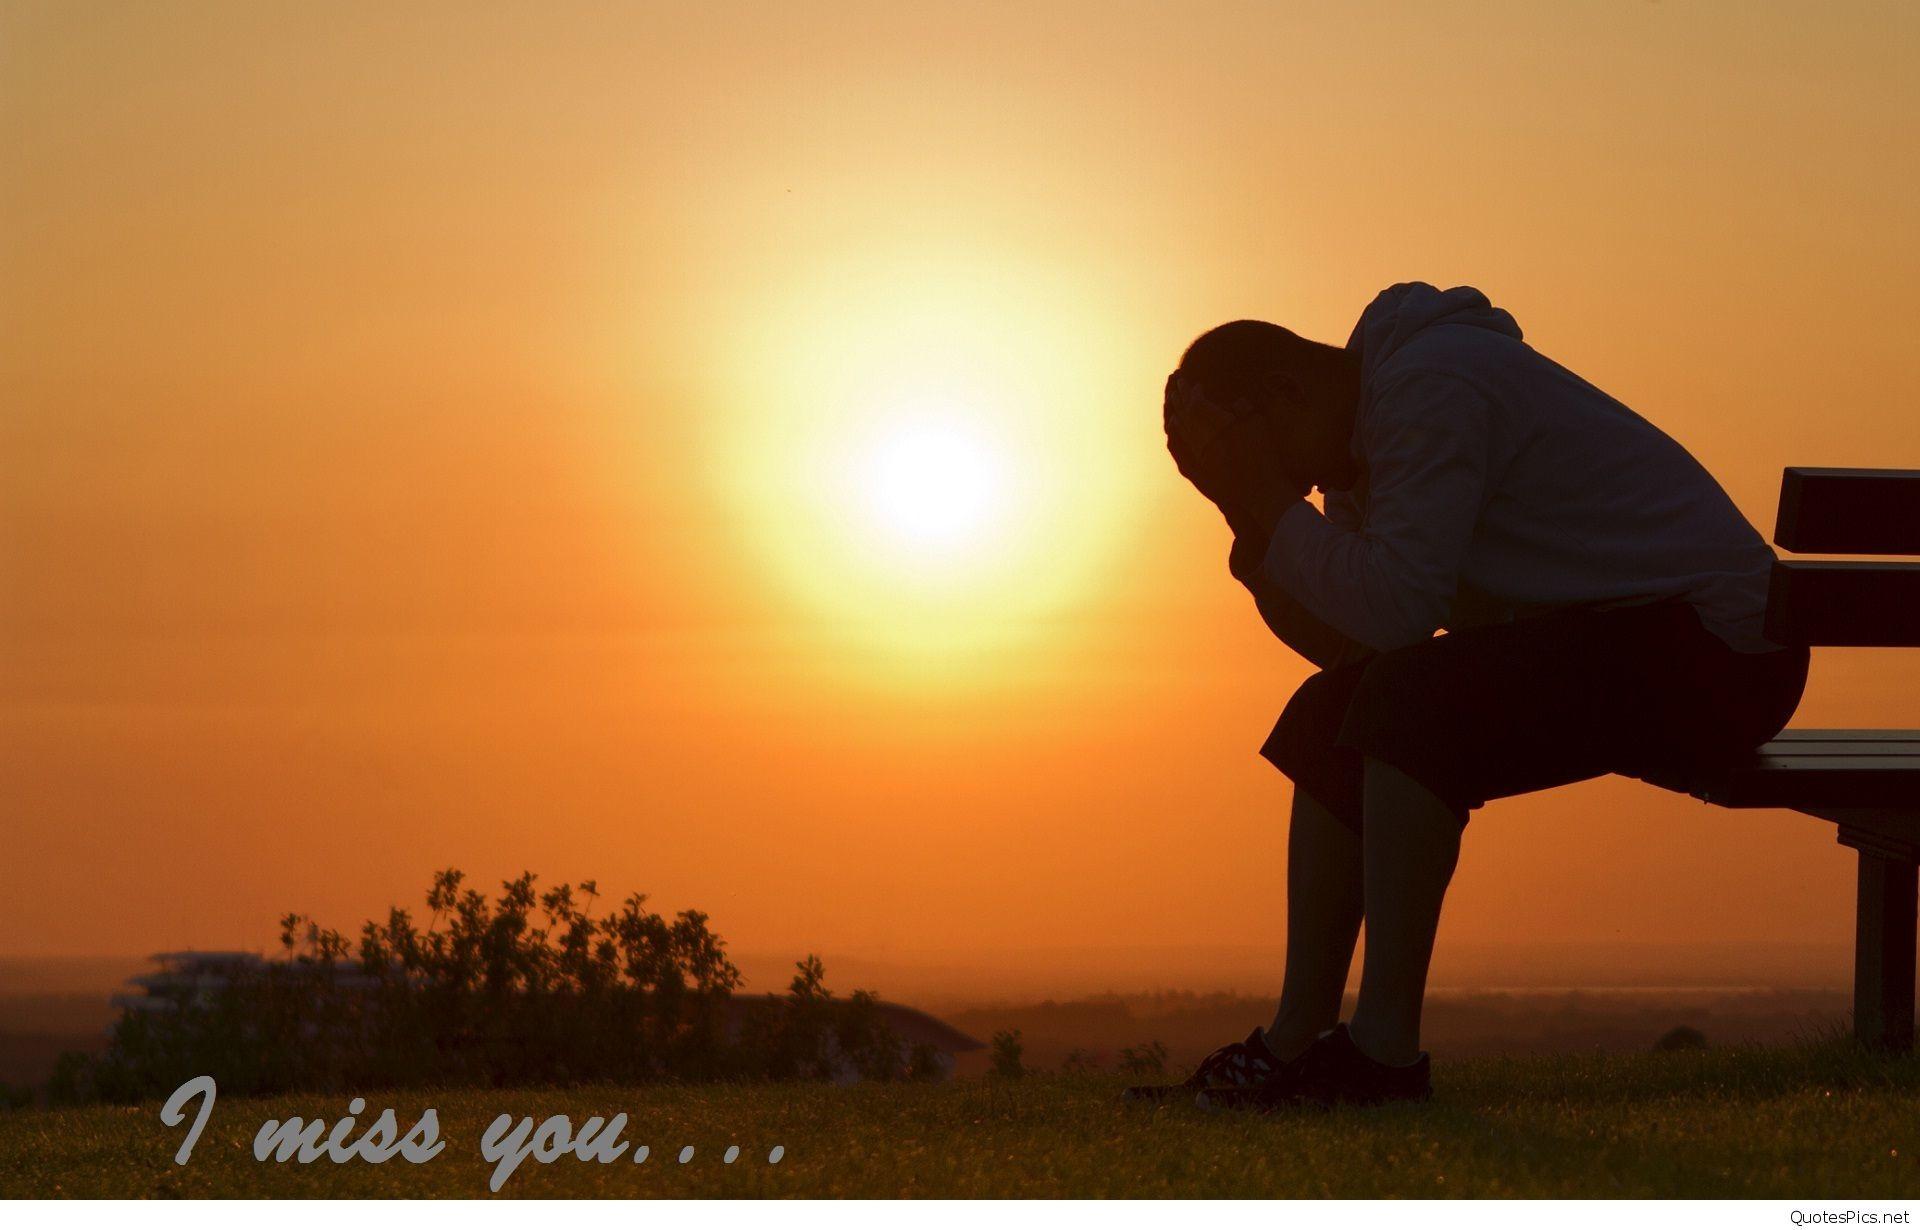 1 16353 miss you sad boy hd